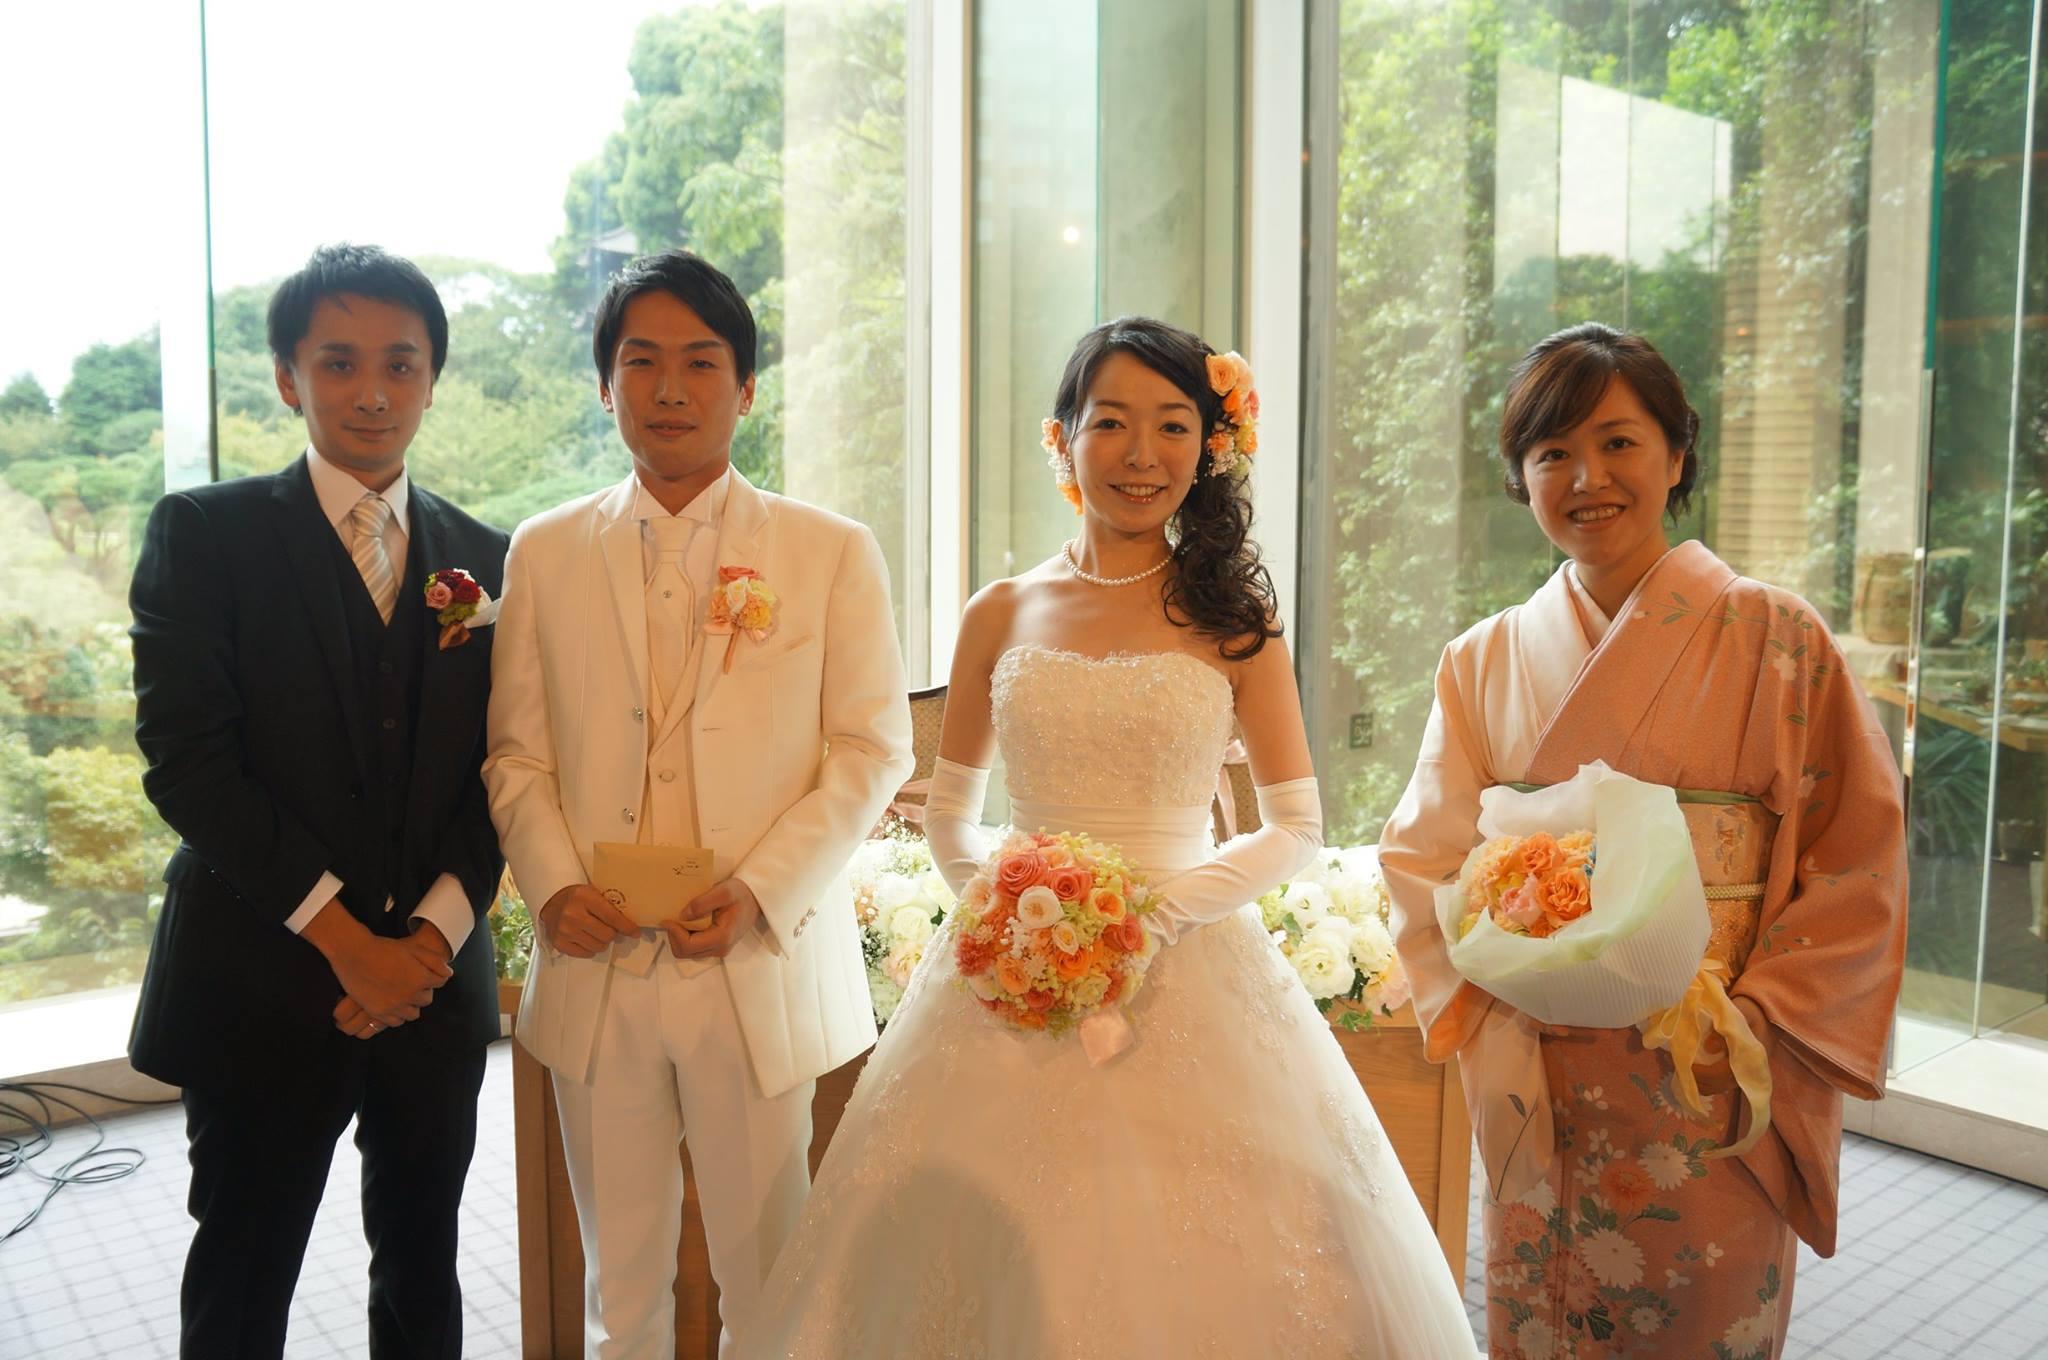 新郎新婦様からのメール プリザーブドブーケ椿山荘さまへ 結婚式は人 10月4日単発レッスンのご案内_a0042928_18384568.jpg